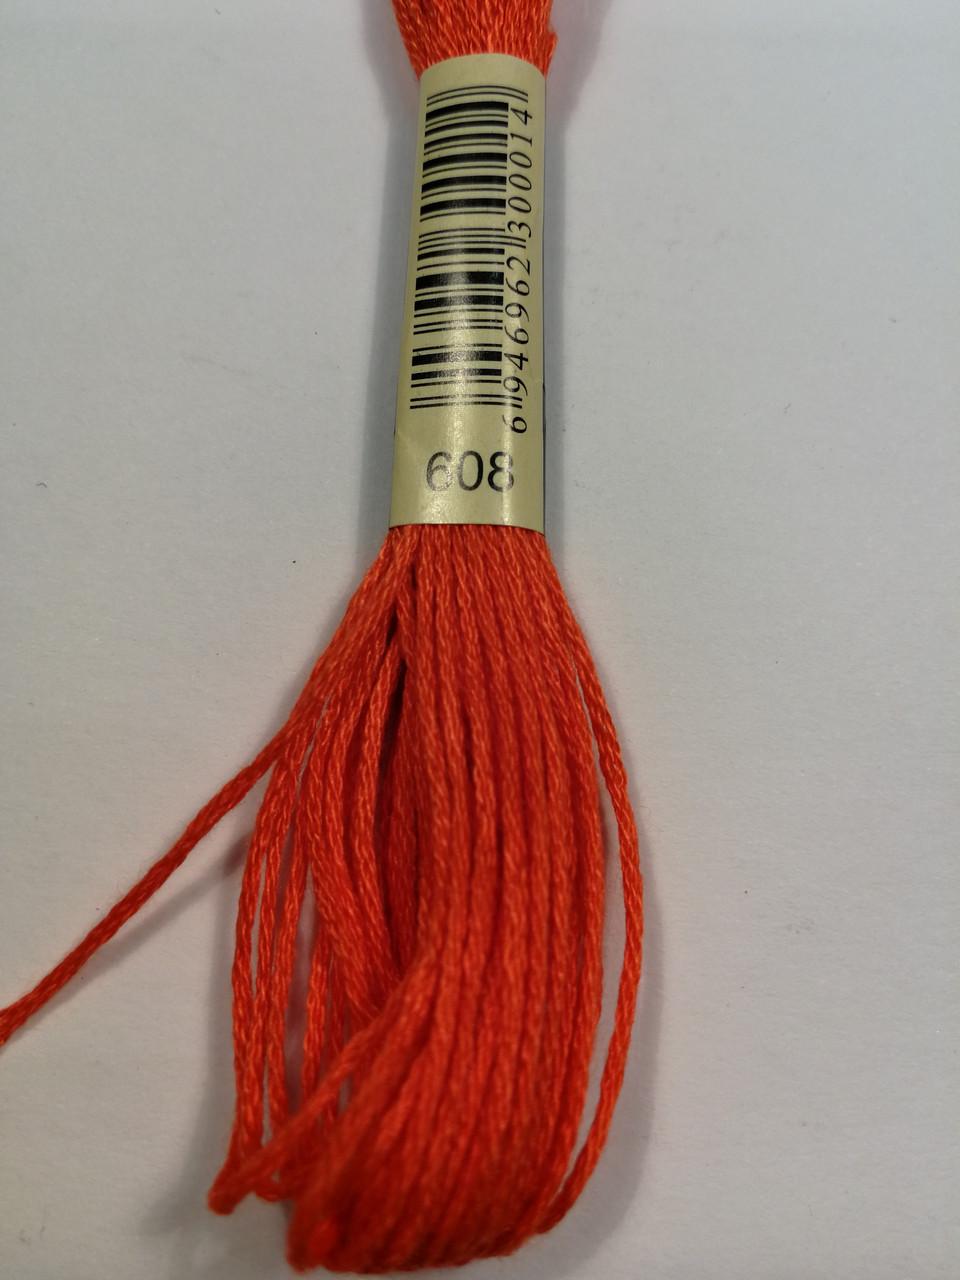 Мулине СХС 608 оранжевый яркий